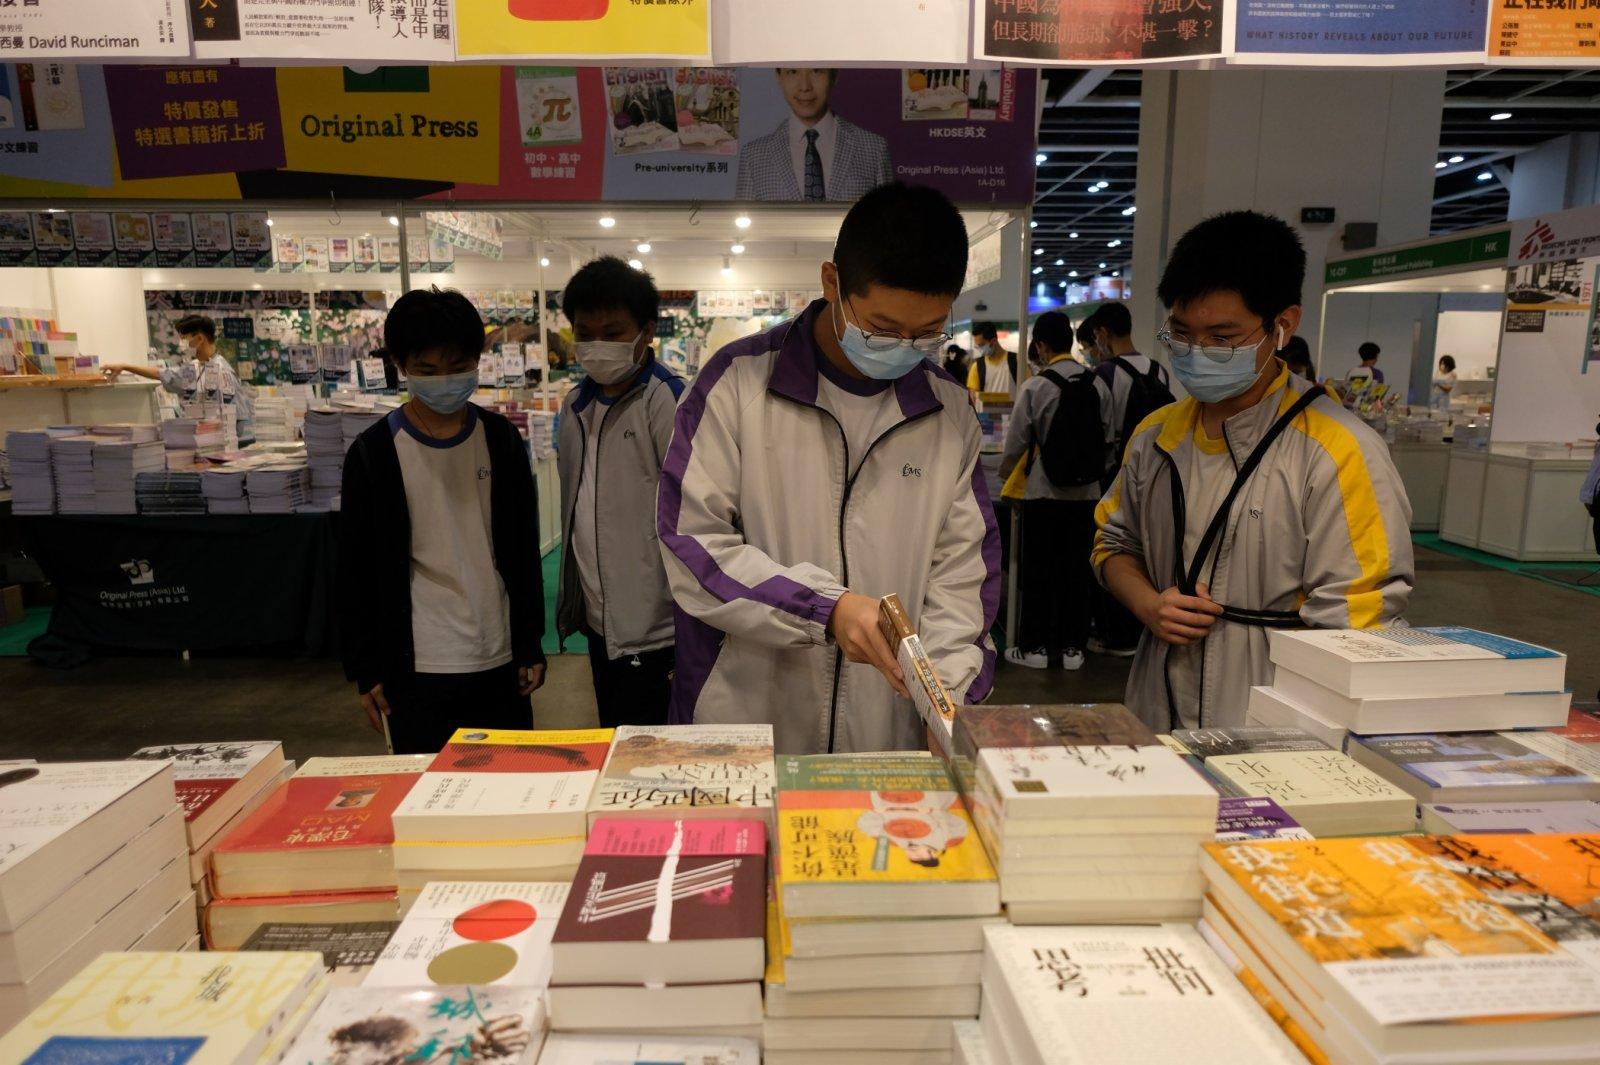 市民正在選購書籍。(記者麥鈞傑攝)